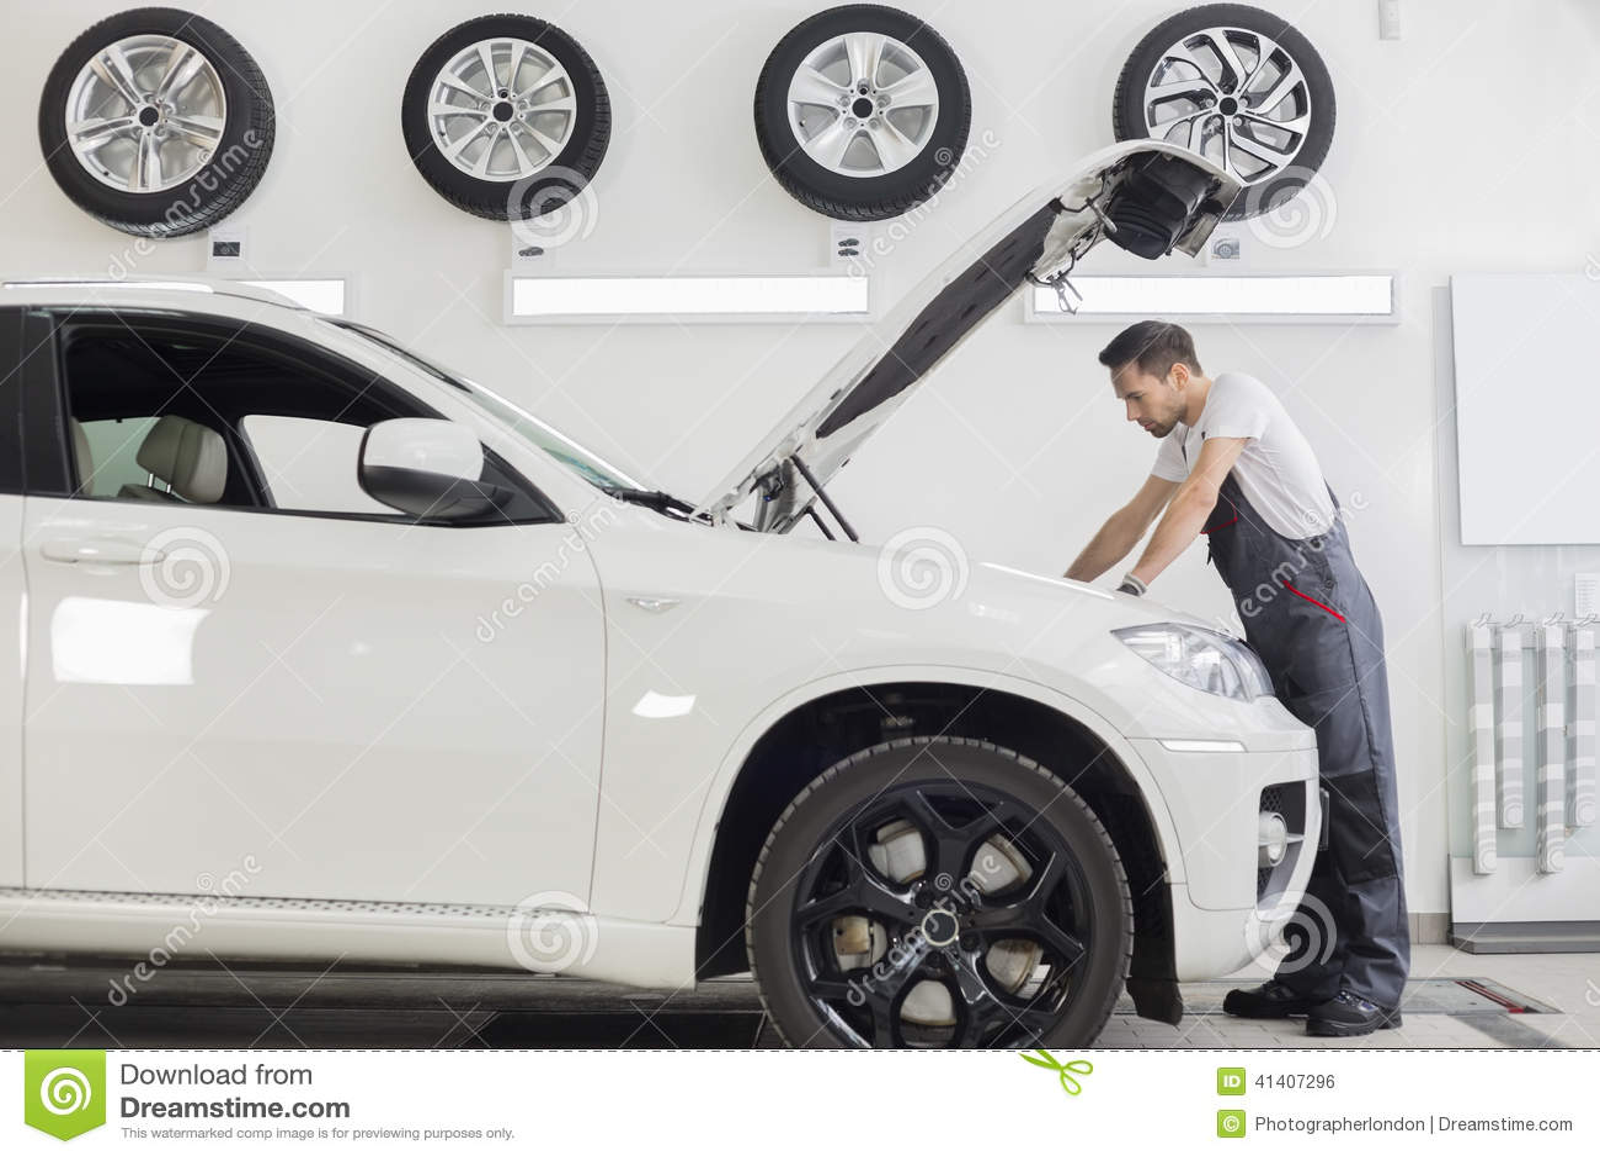 Πλήρης πλάγια όψη μήκους της αρσενικής μηχανικής μηχανής αυτοκινήτων εξέτασης στο κατάστημα επισκευής